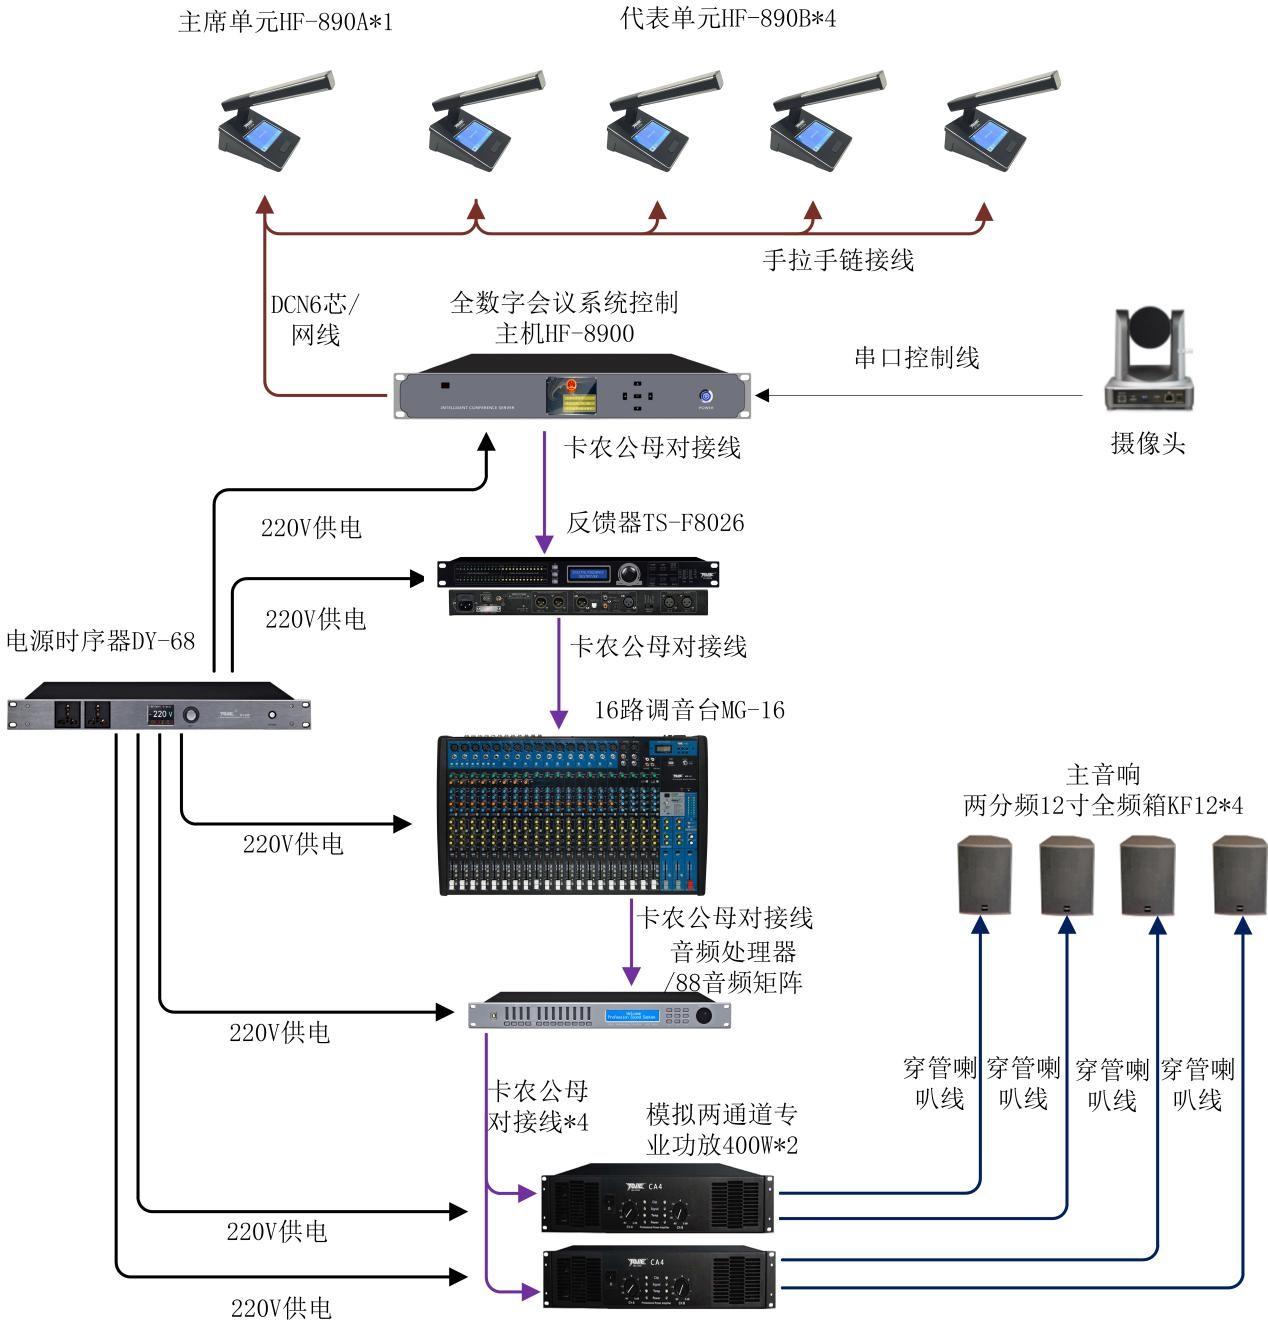 会议室手拉手话筒发言摄像跟踪系统如何构成